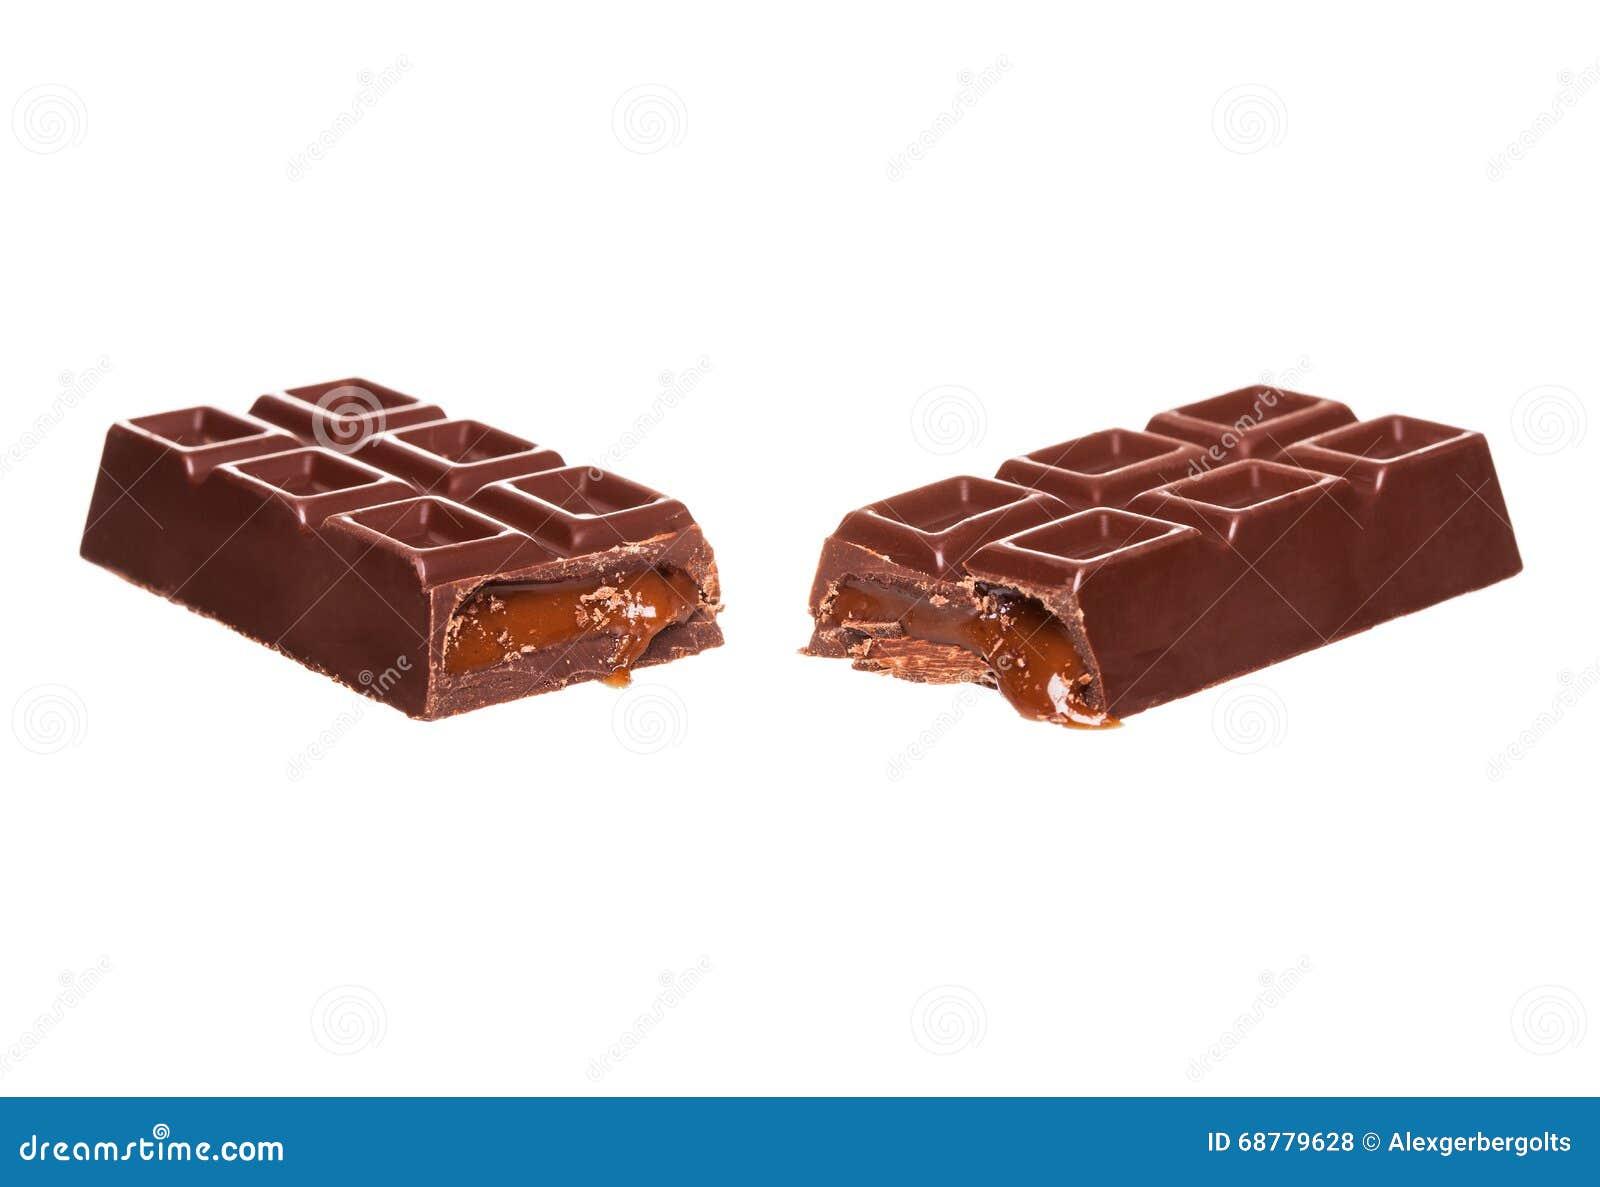 Dzielę w przyrodnim czekoladowym barze z dokrętkami odizolowywać na bielu